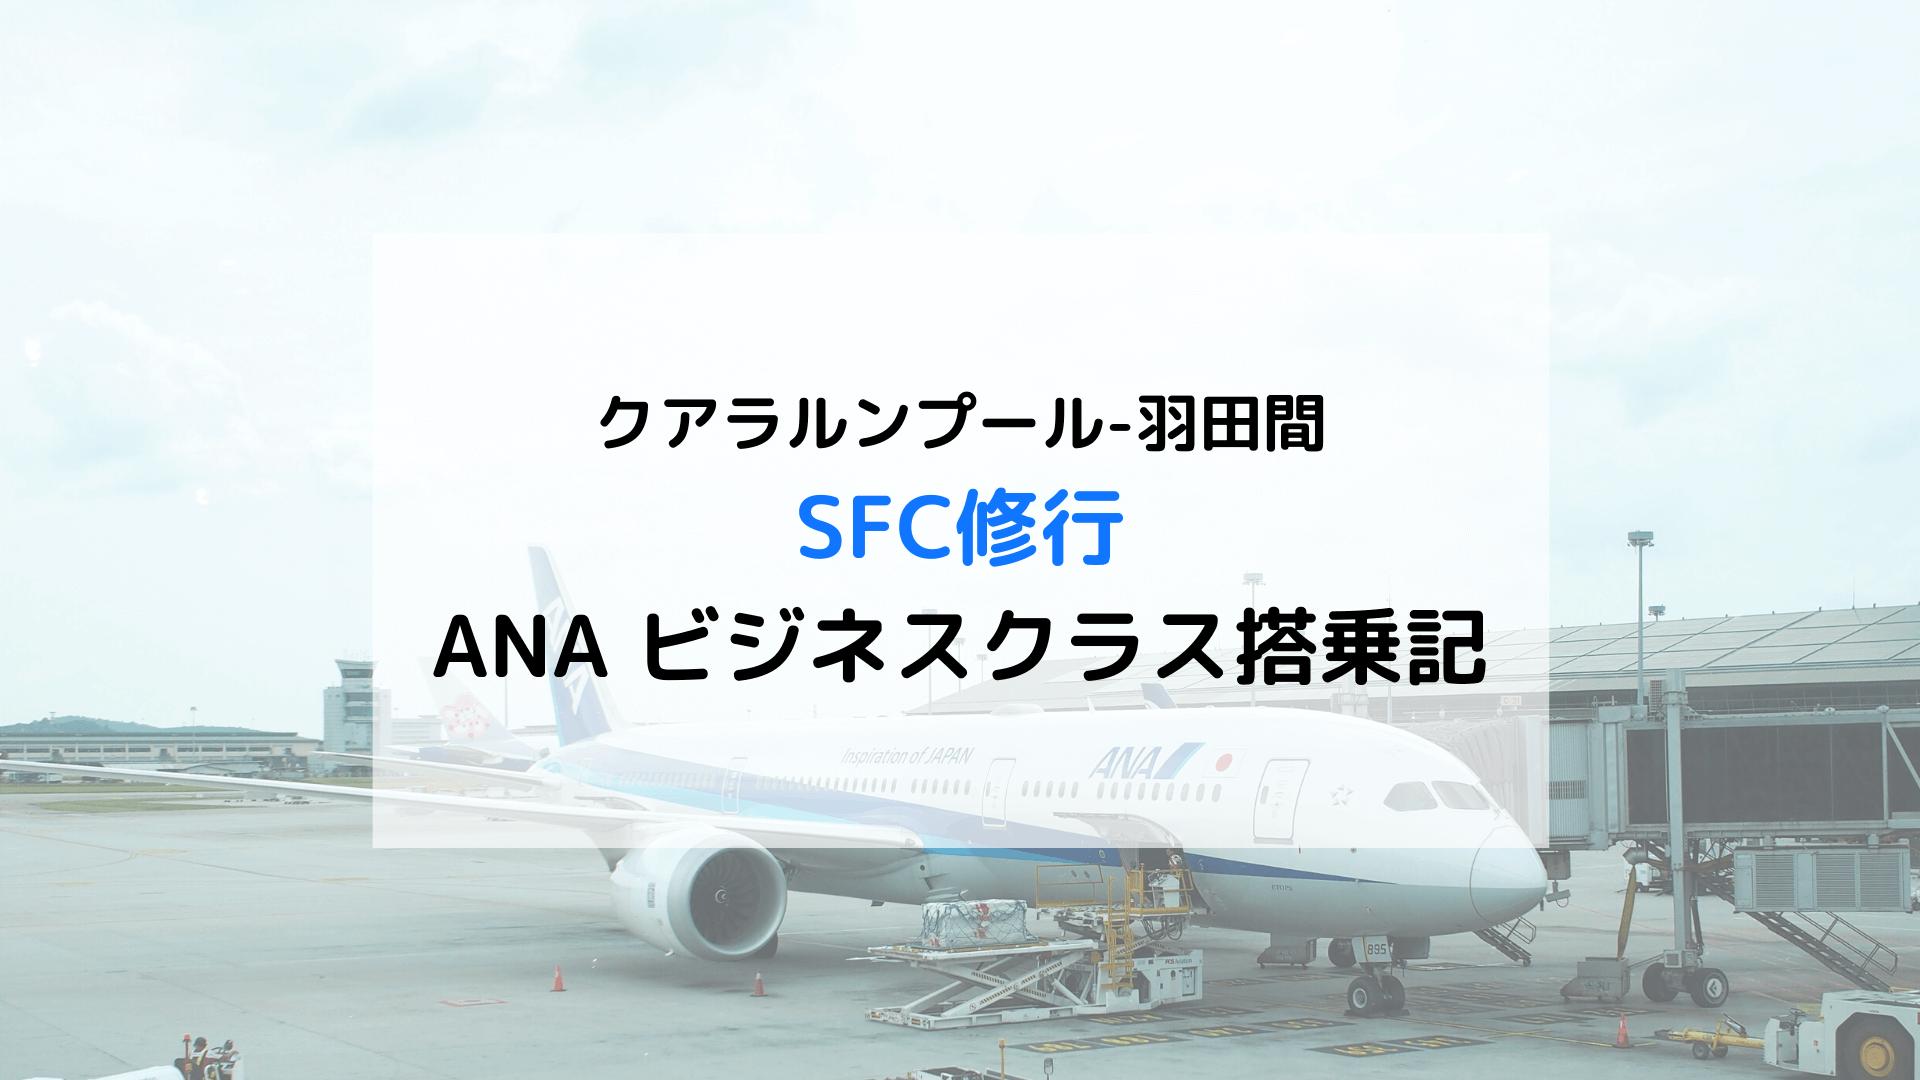 SFC修行ANAビジネスクラス搭乗記